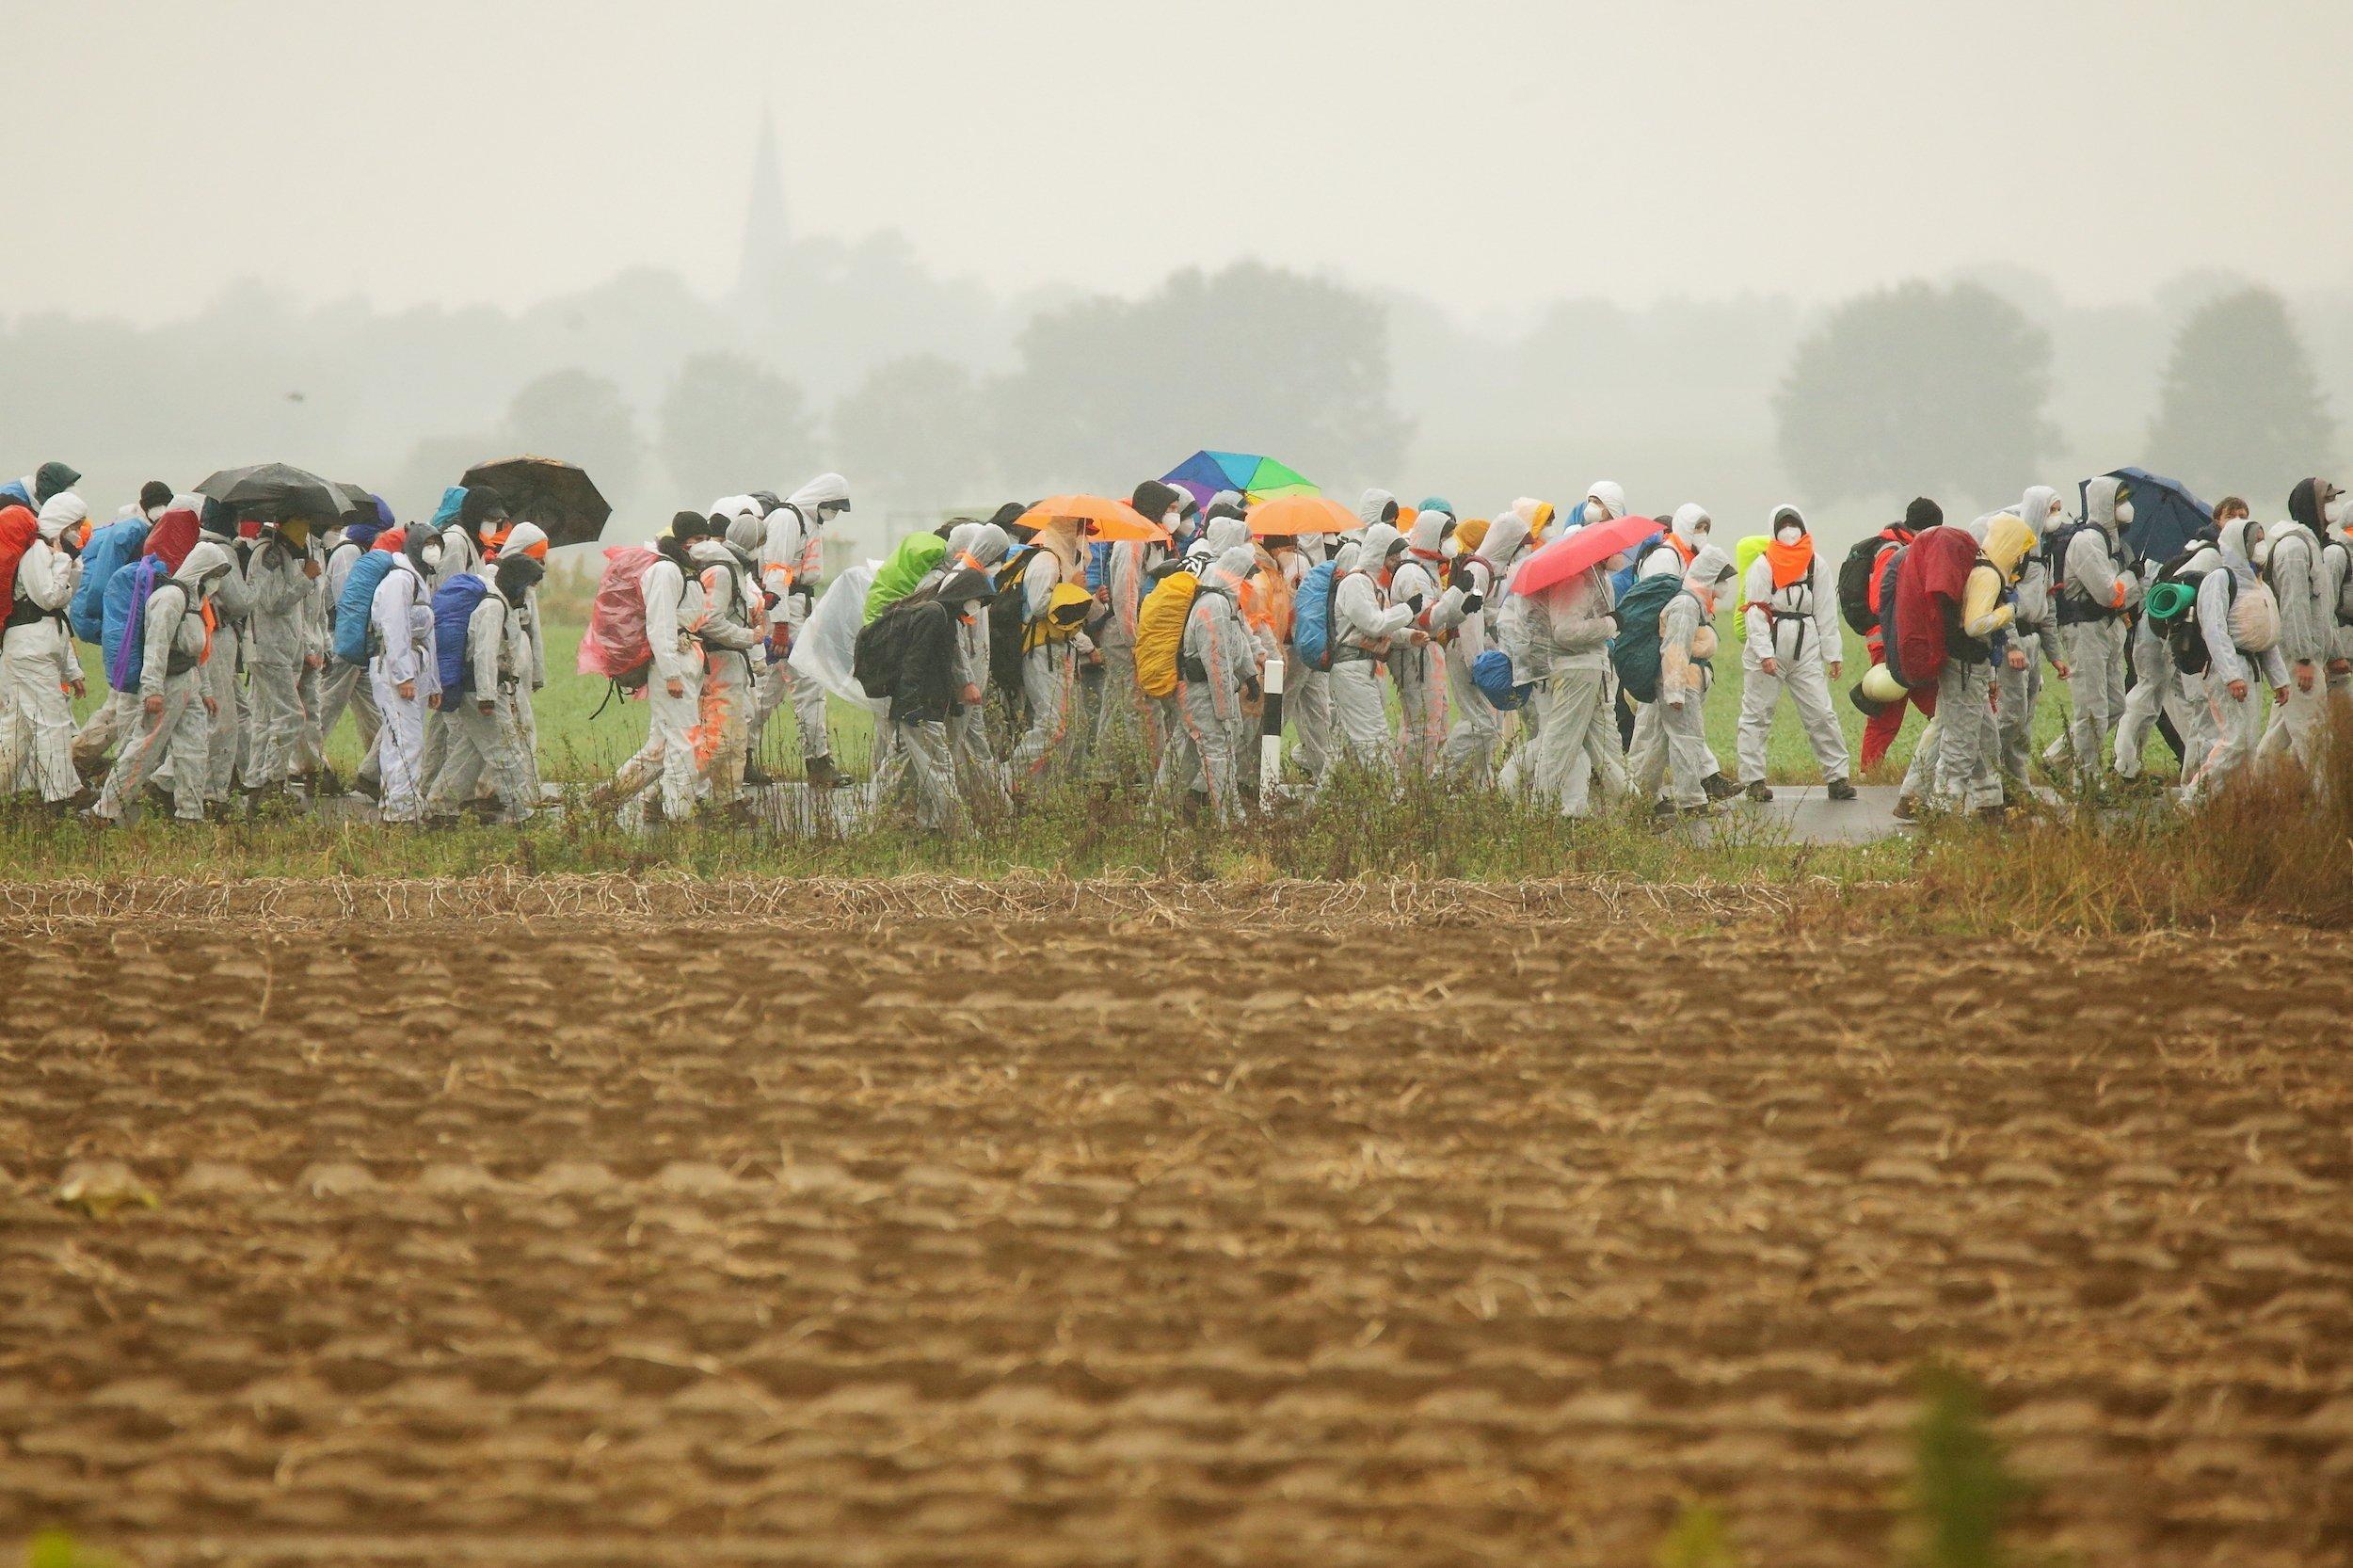 Aktivisten von Fridays for Future marschieren im September 2020mit ca. 150Personen durch die Landschaft, als Teil Protestaktionen gegen die Nutzung der Braunkohle in Deutschland.